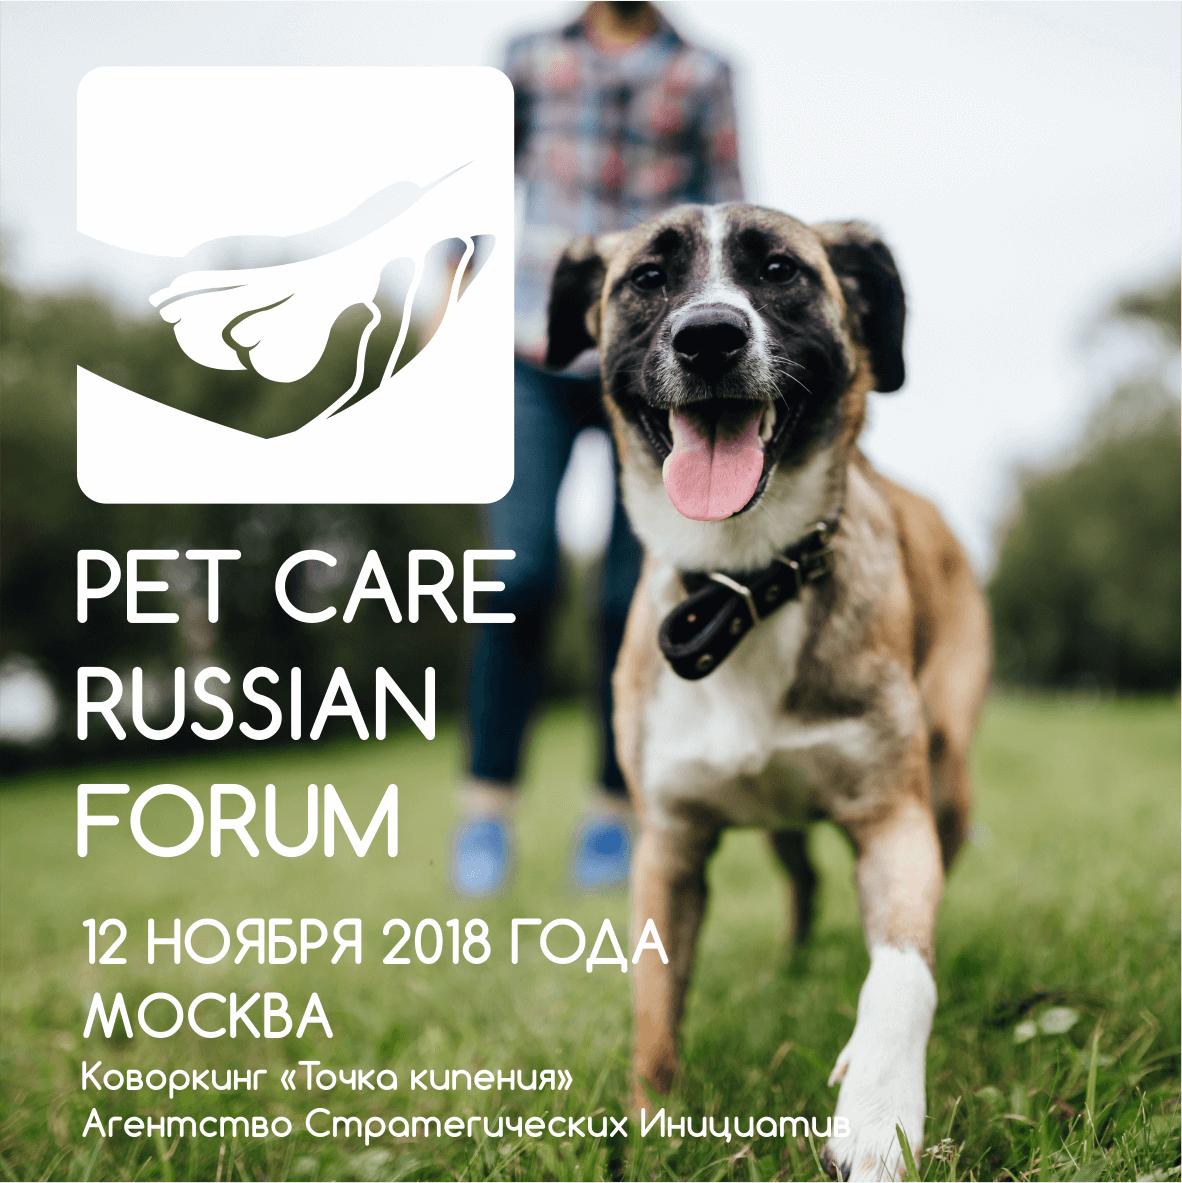 PET CARE RUSSIAN FORUM